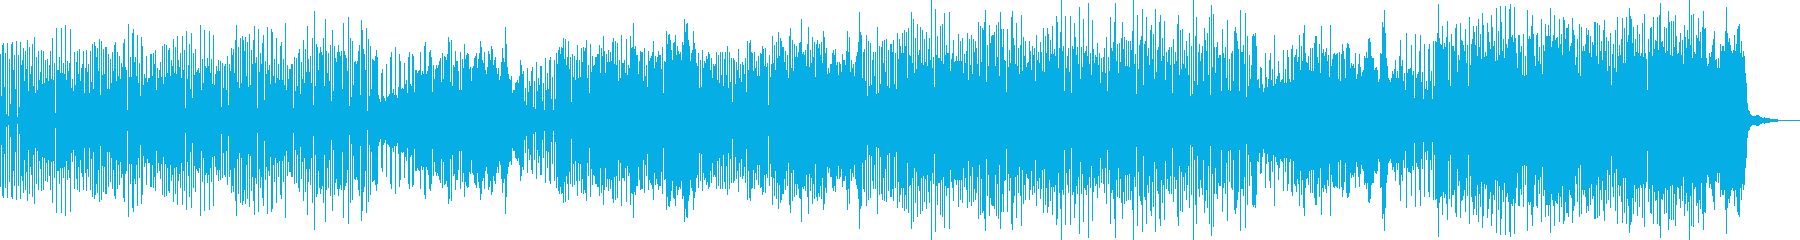 不気味可愛いハロウィン調 ドラム無 Cの再生済みの波形